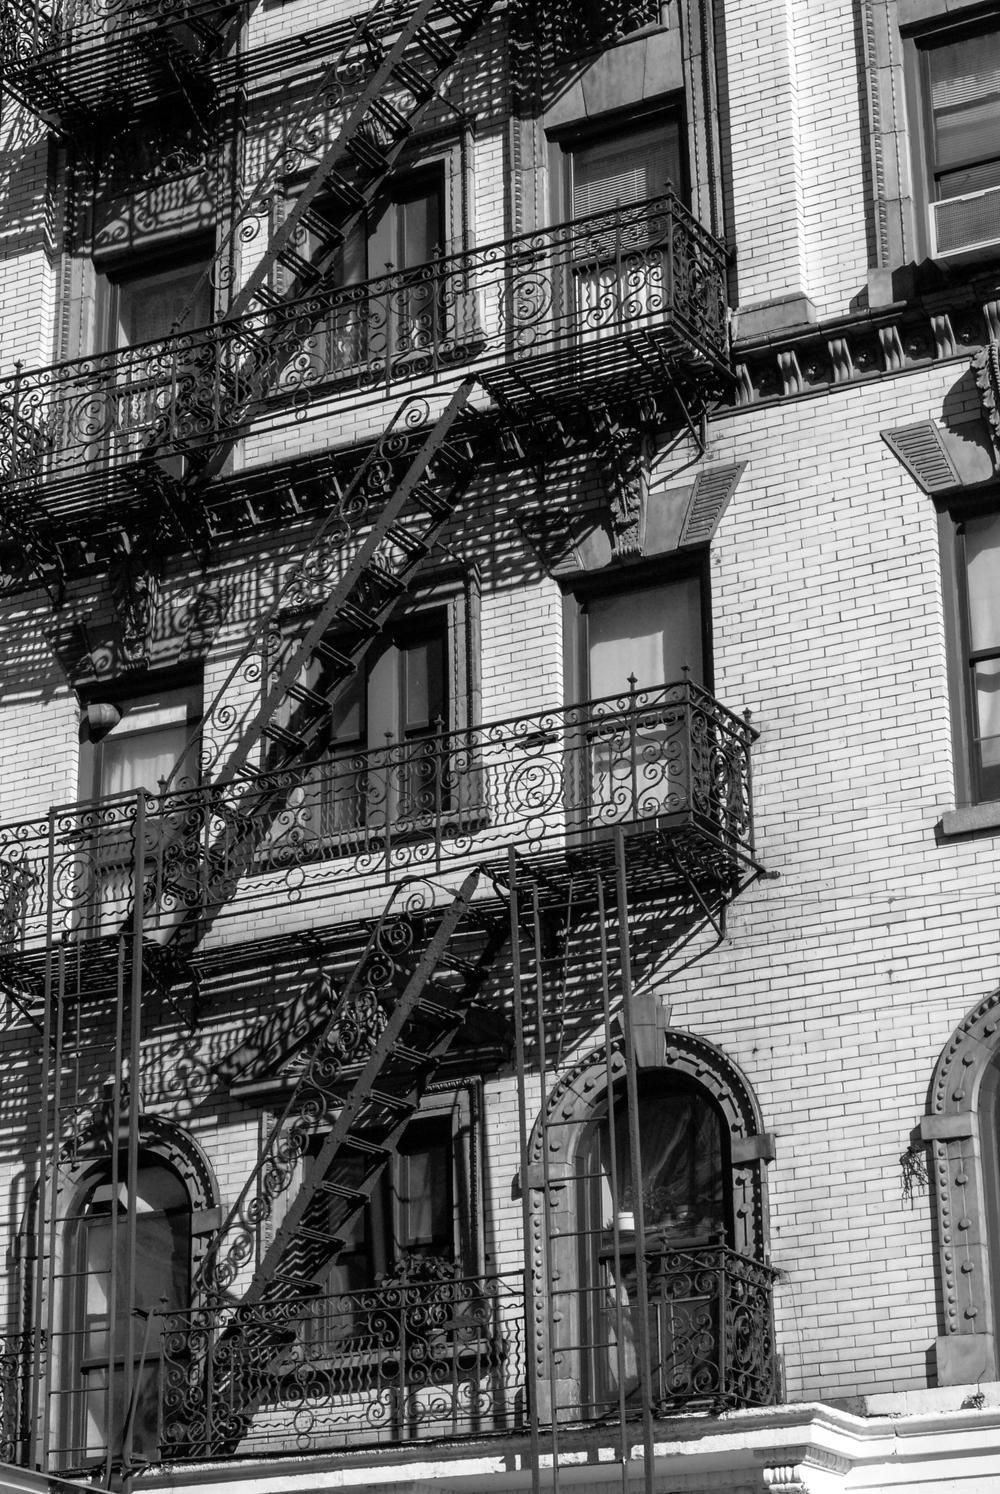 NYC_CityShots-0491.JPG